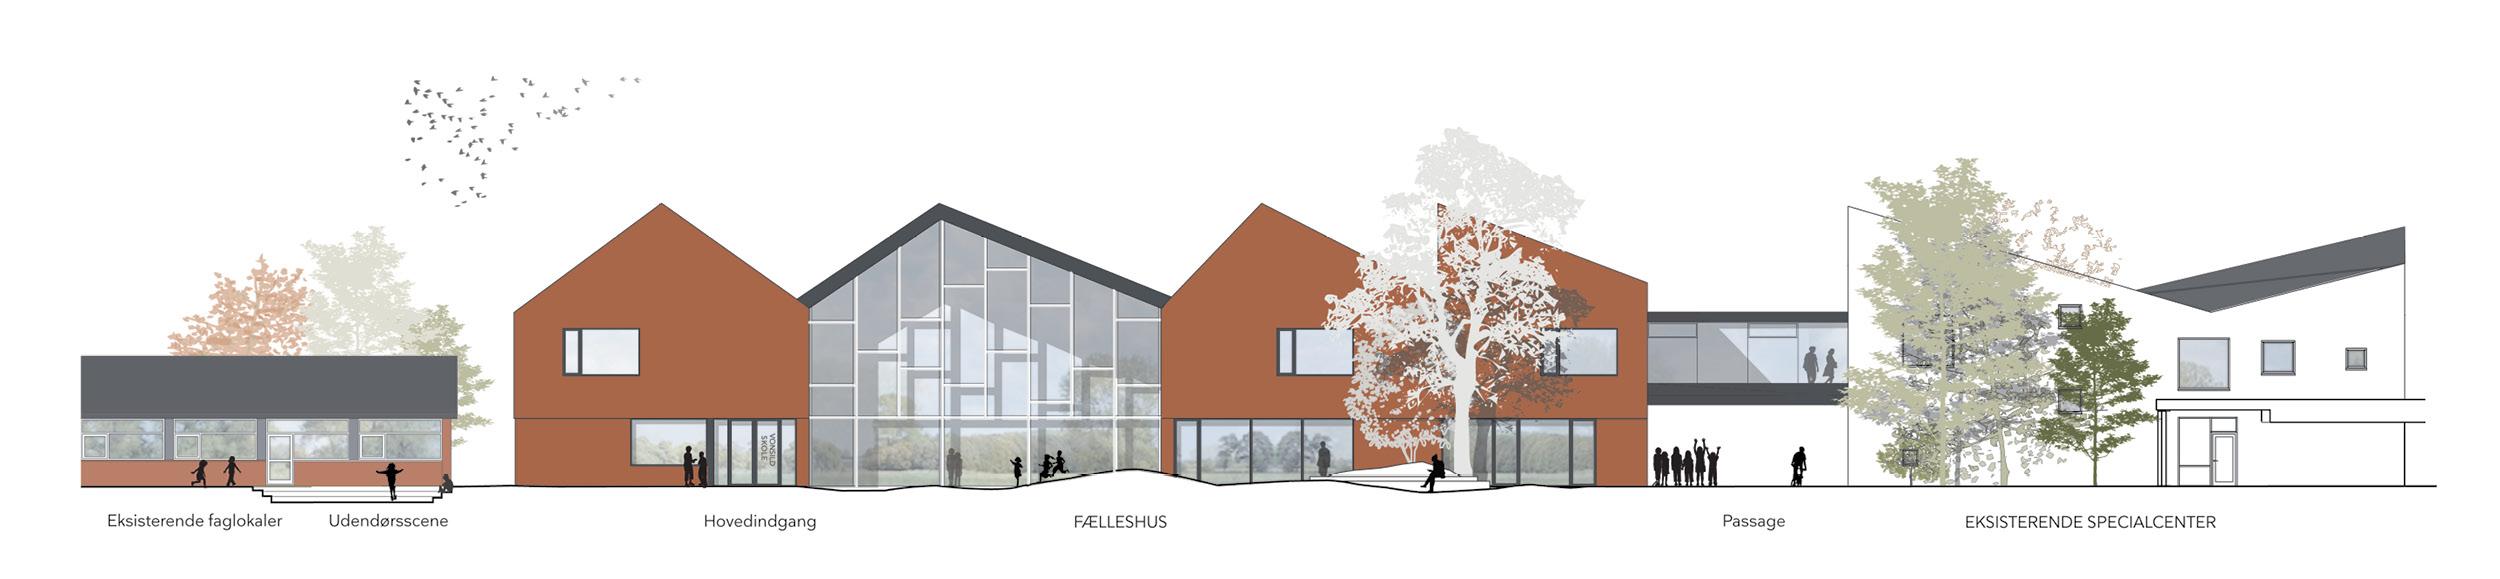 Vonsild Skole og Specialcenter 03